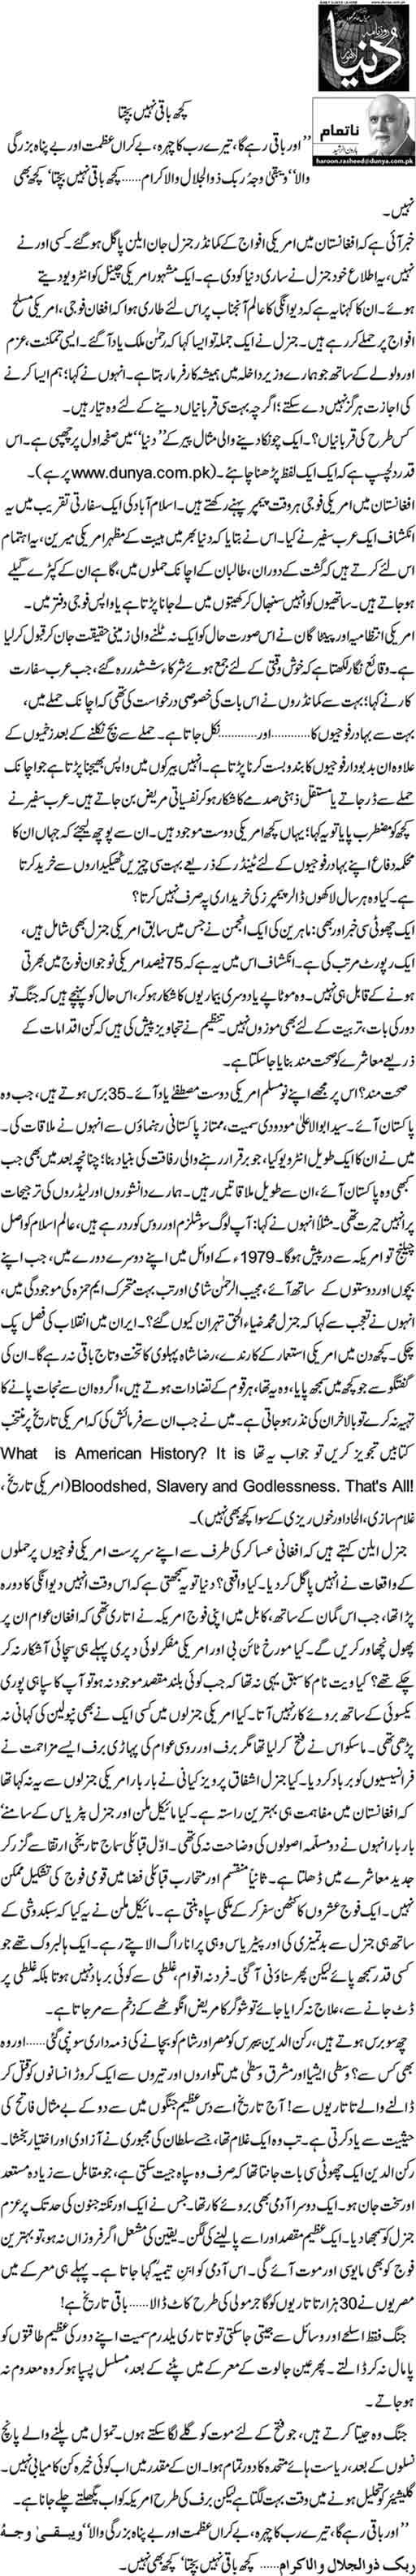 kuch baki nahi bachta - Haroon-ur-Rasheed